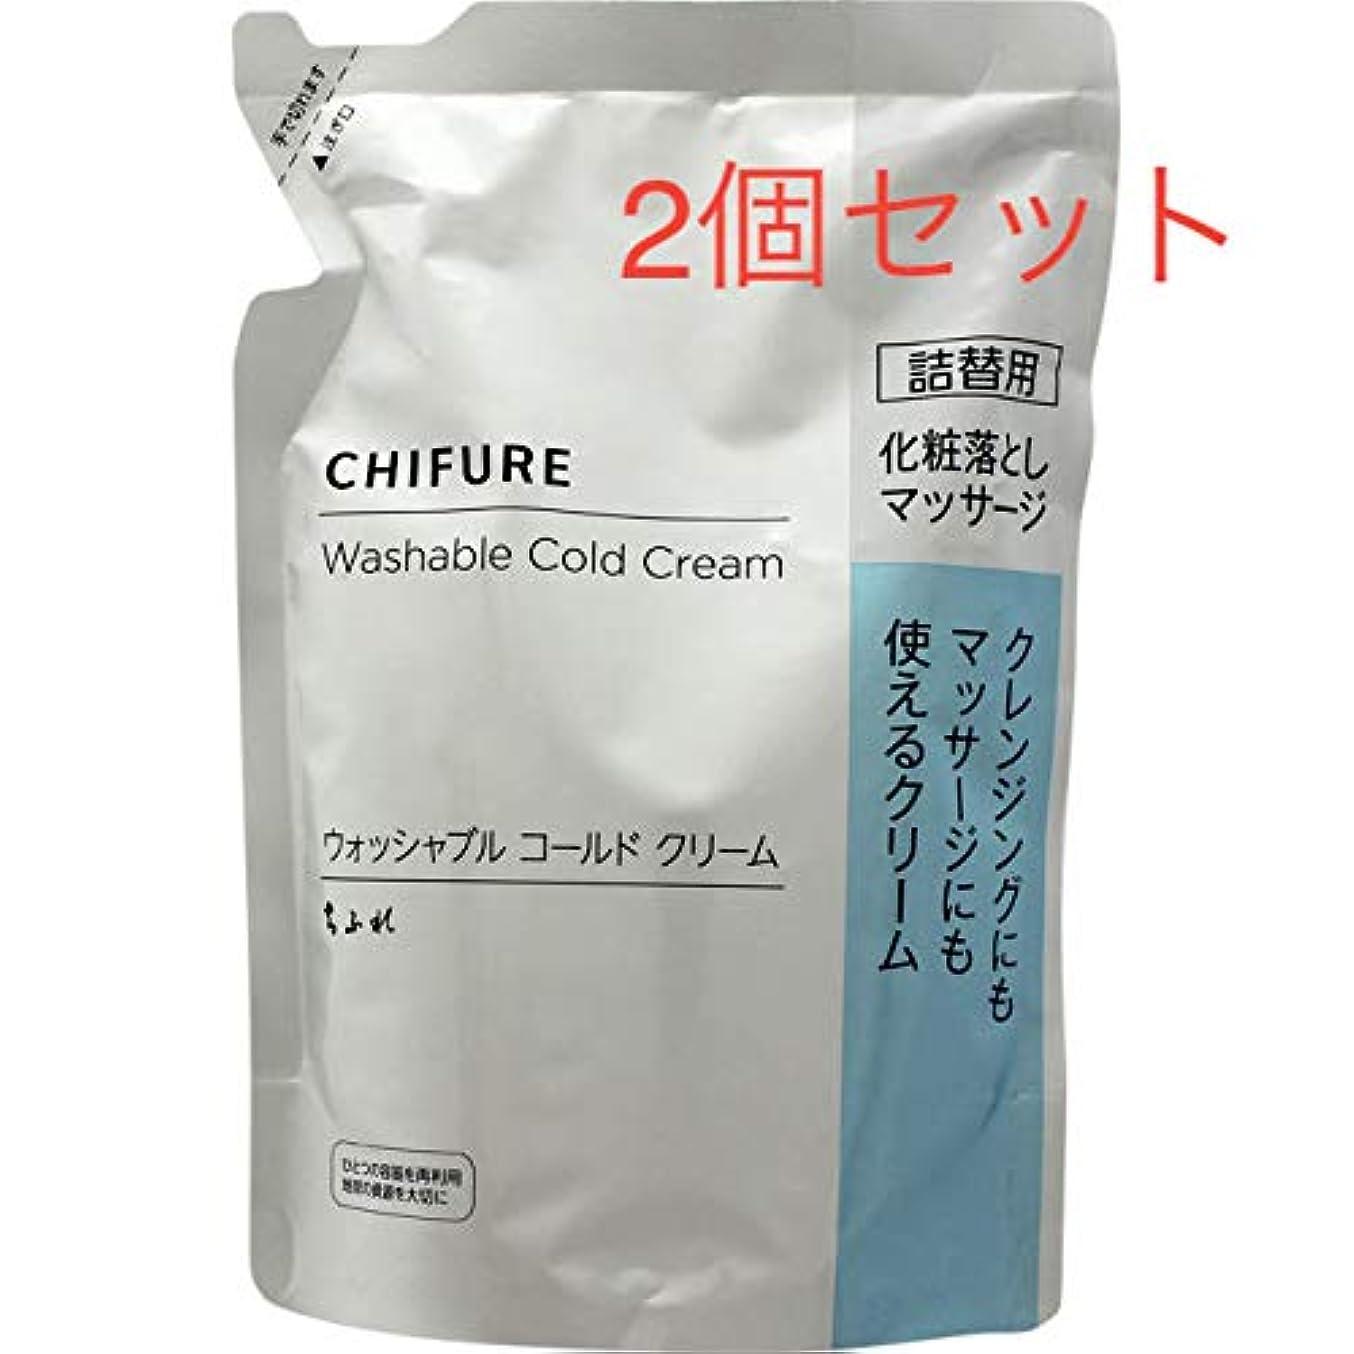 日没危険波紋ちふれ化粧品 ウォッシャブルコールドクリームN詰替 300g 2個セット